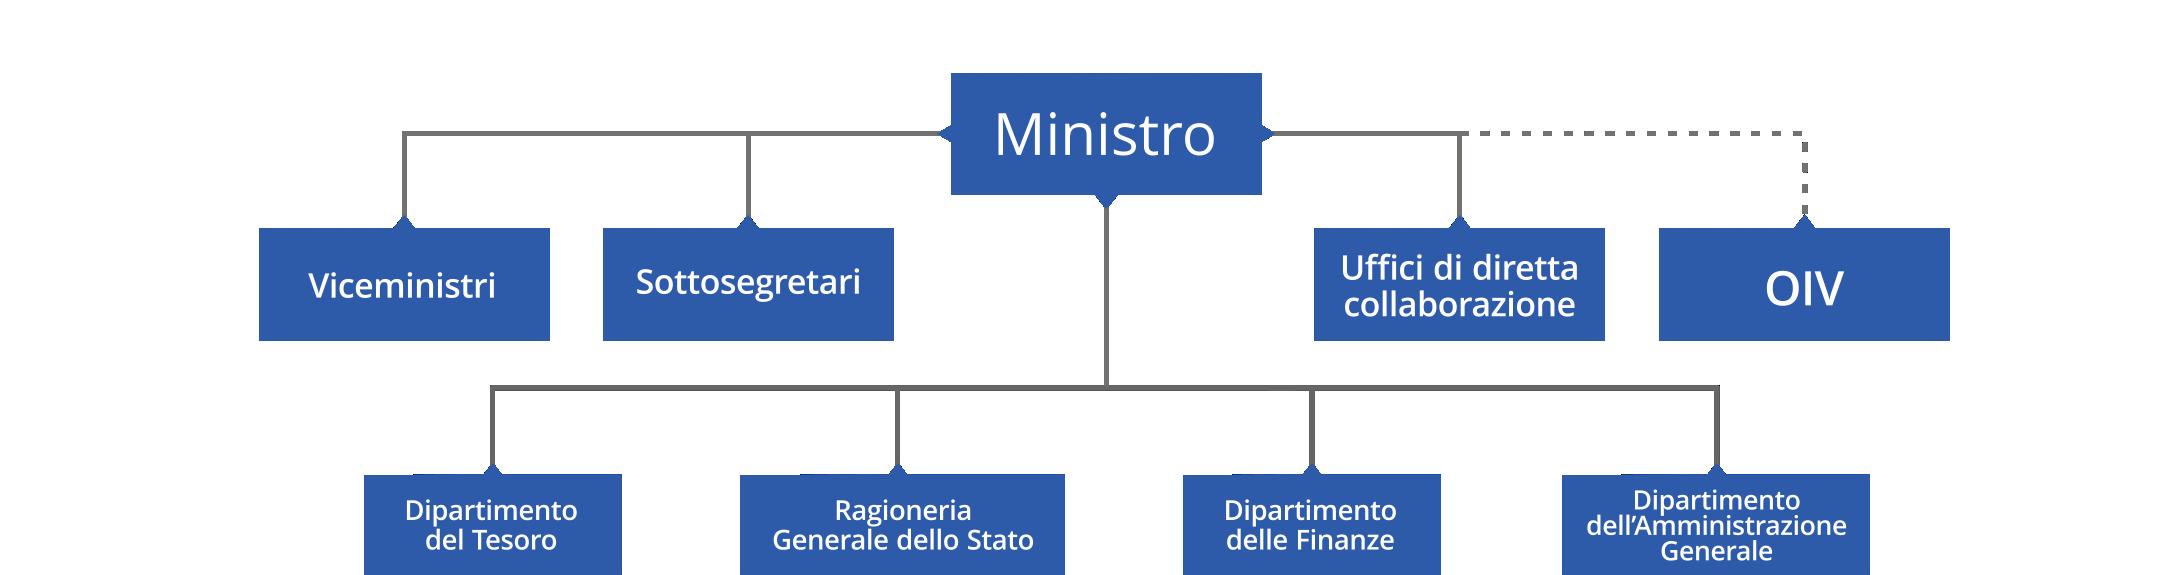 Organigramma del ministero dell'economia